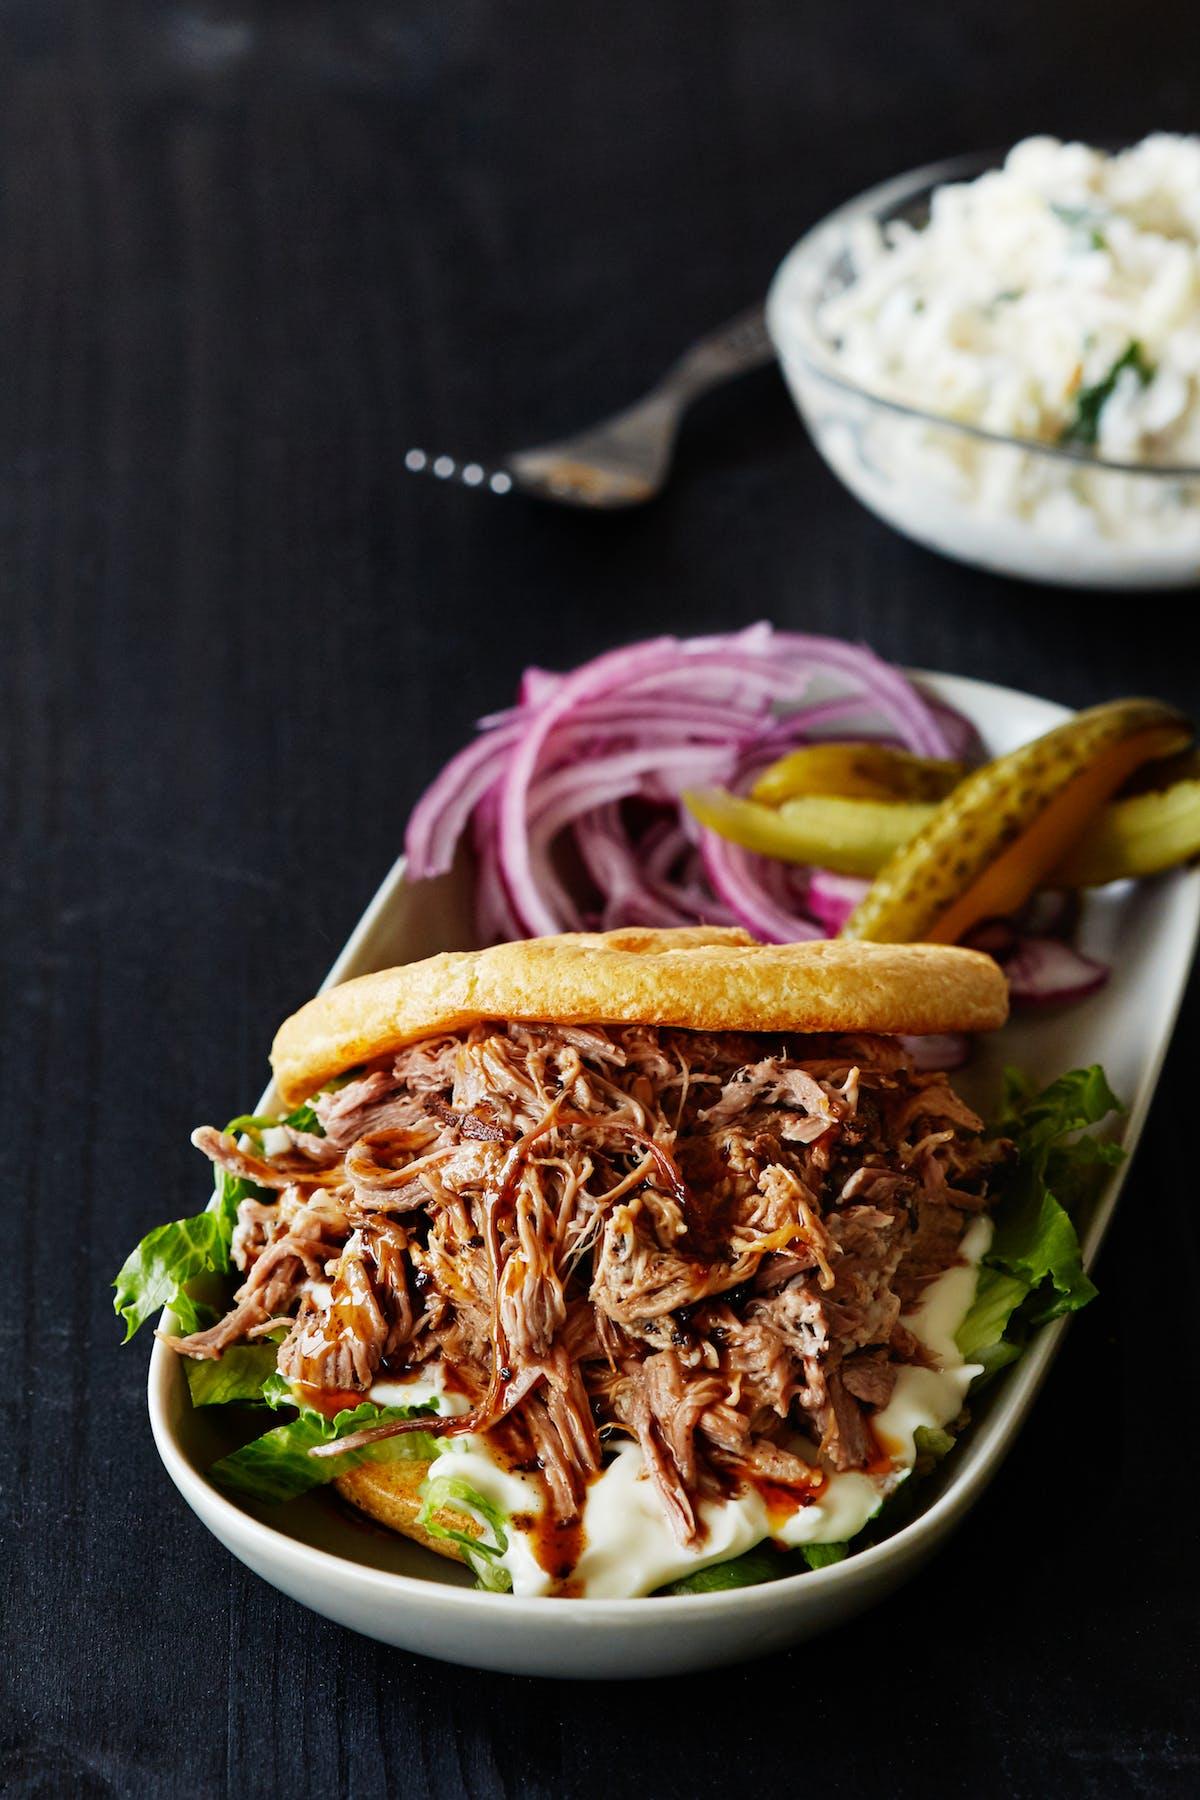 Sándwich keto de cerdo desmenuzado